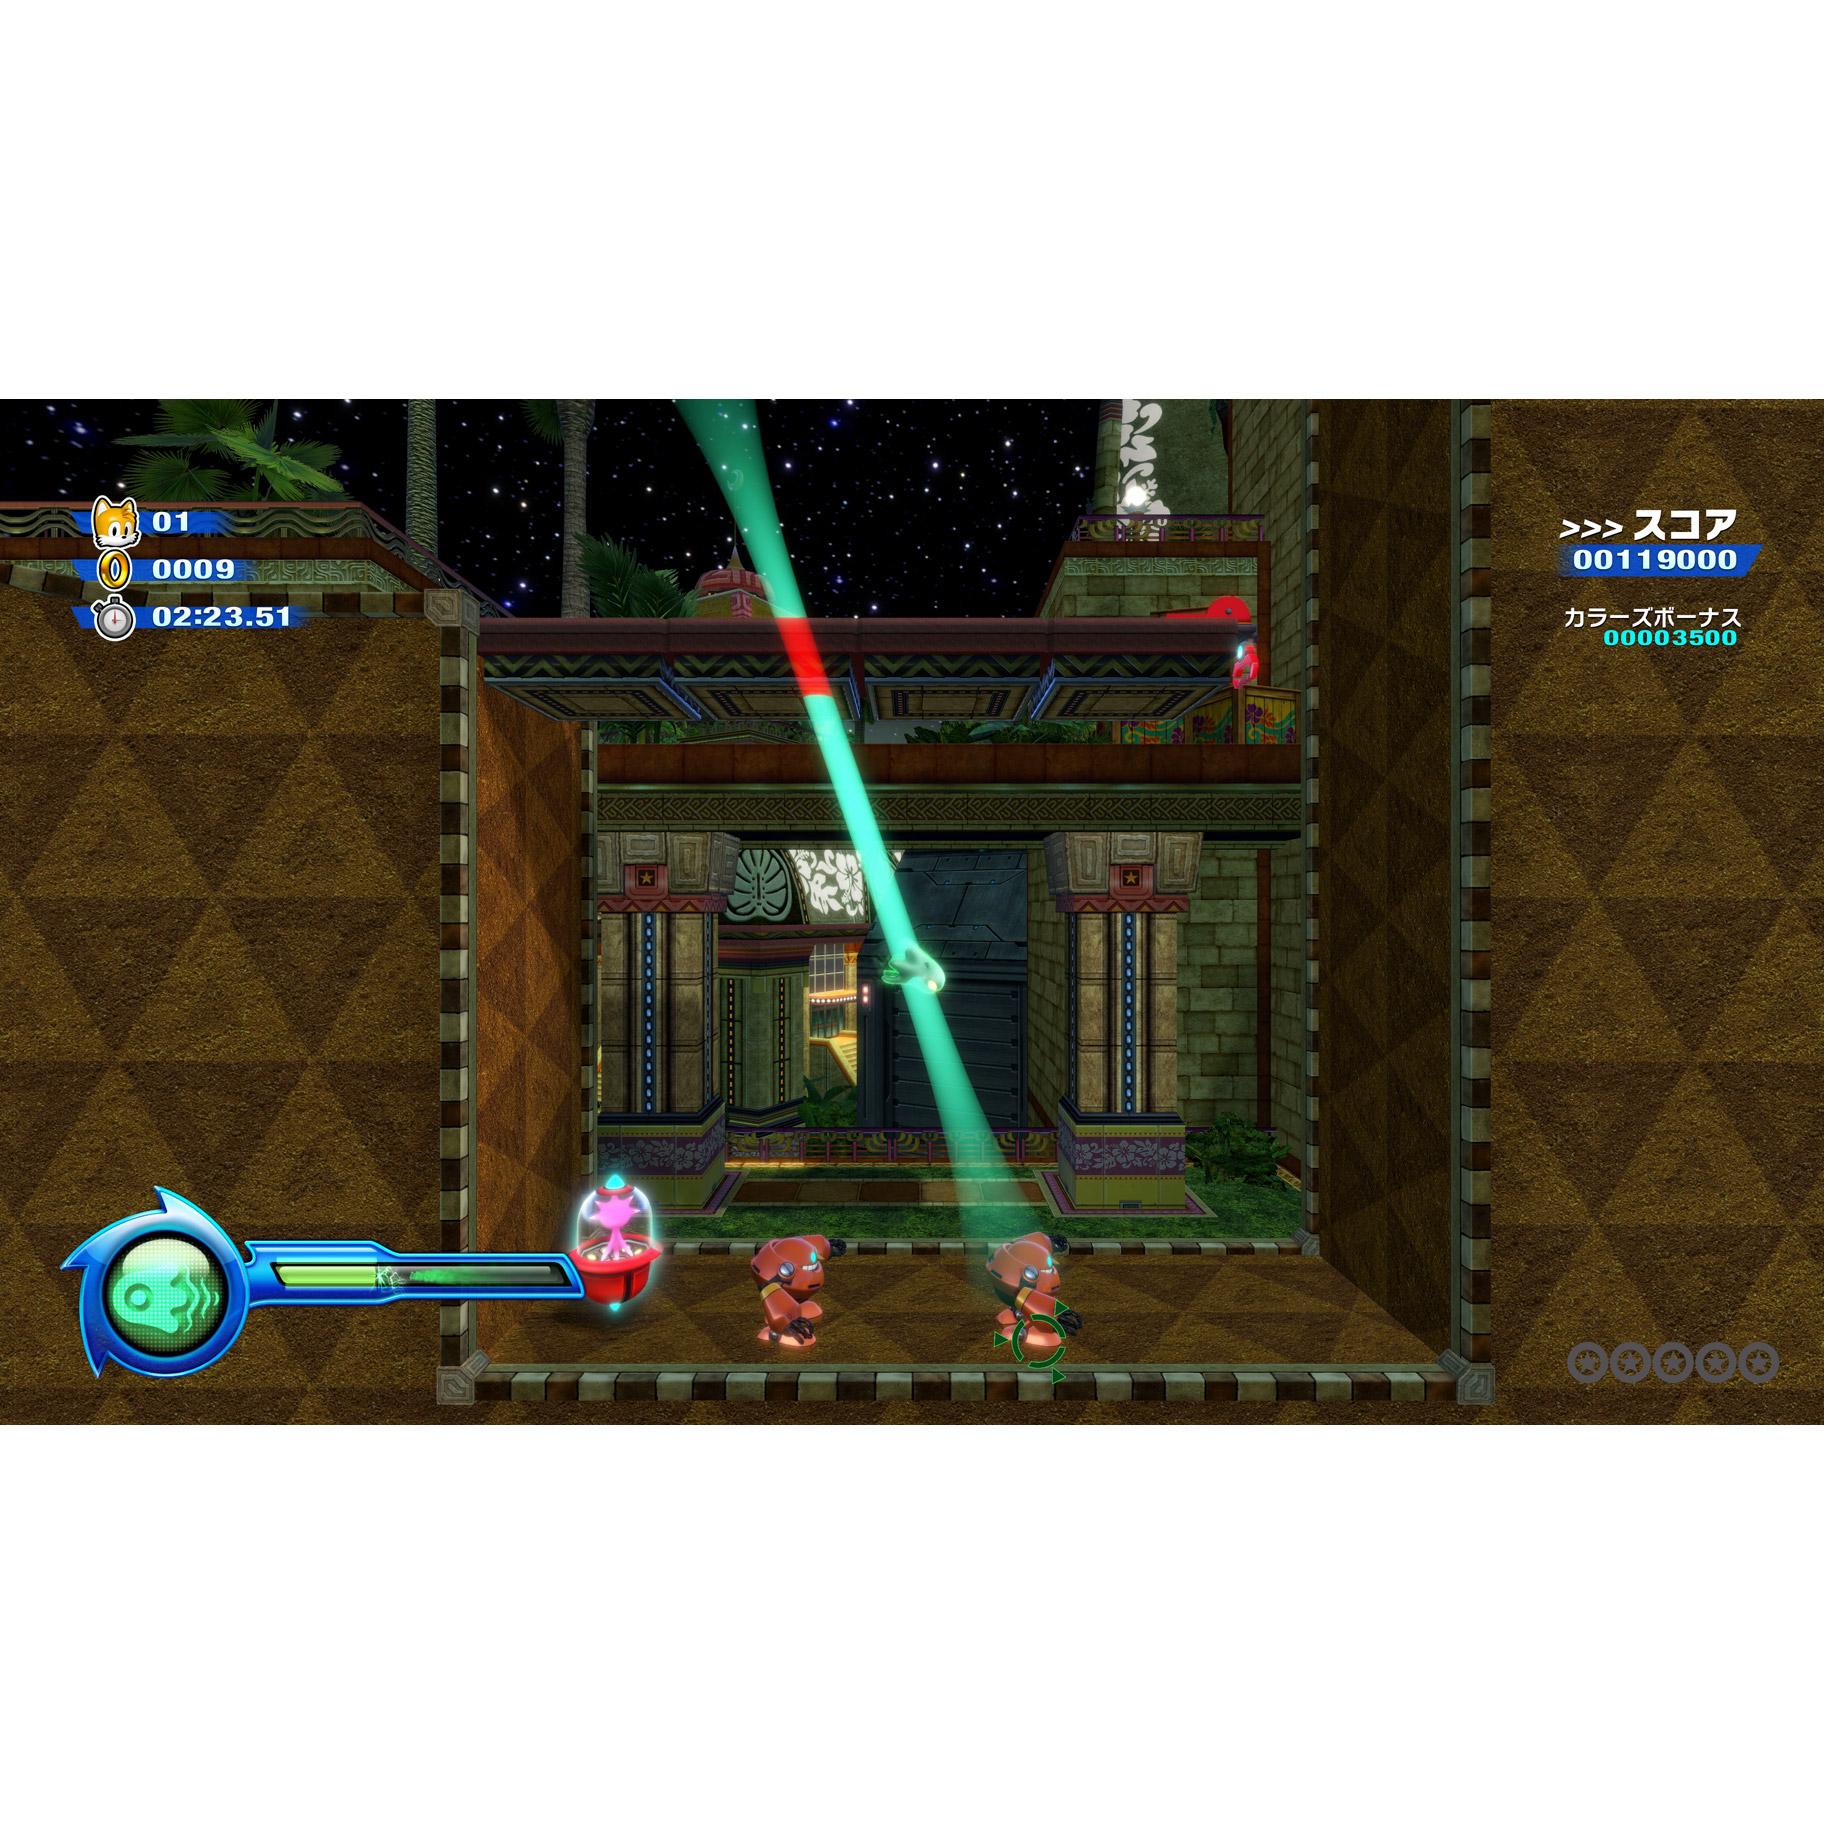 ソニックカラーズ アルティメット 30thアニバーサリーパッケージ 【PS4ゲームソフト】_6